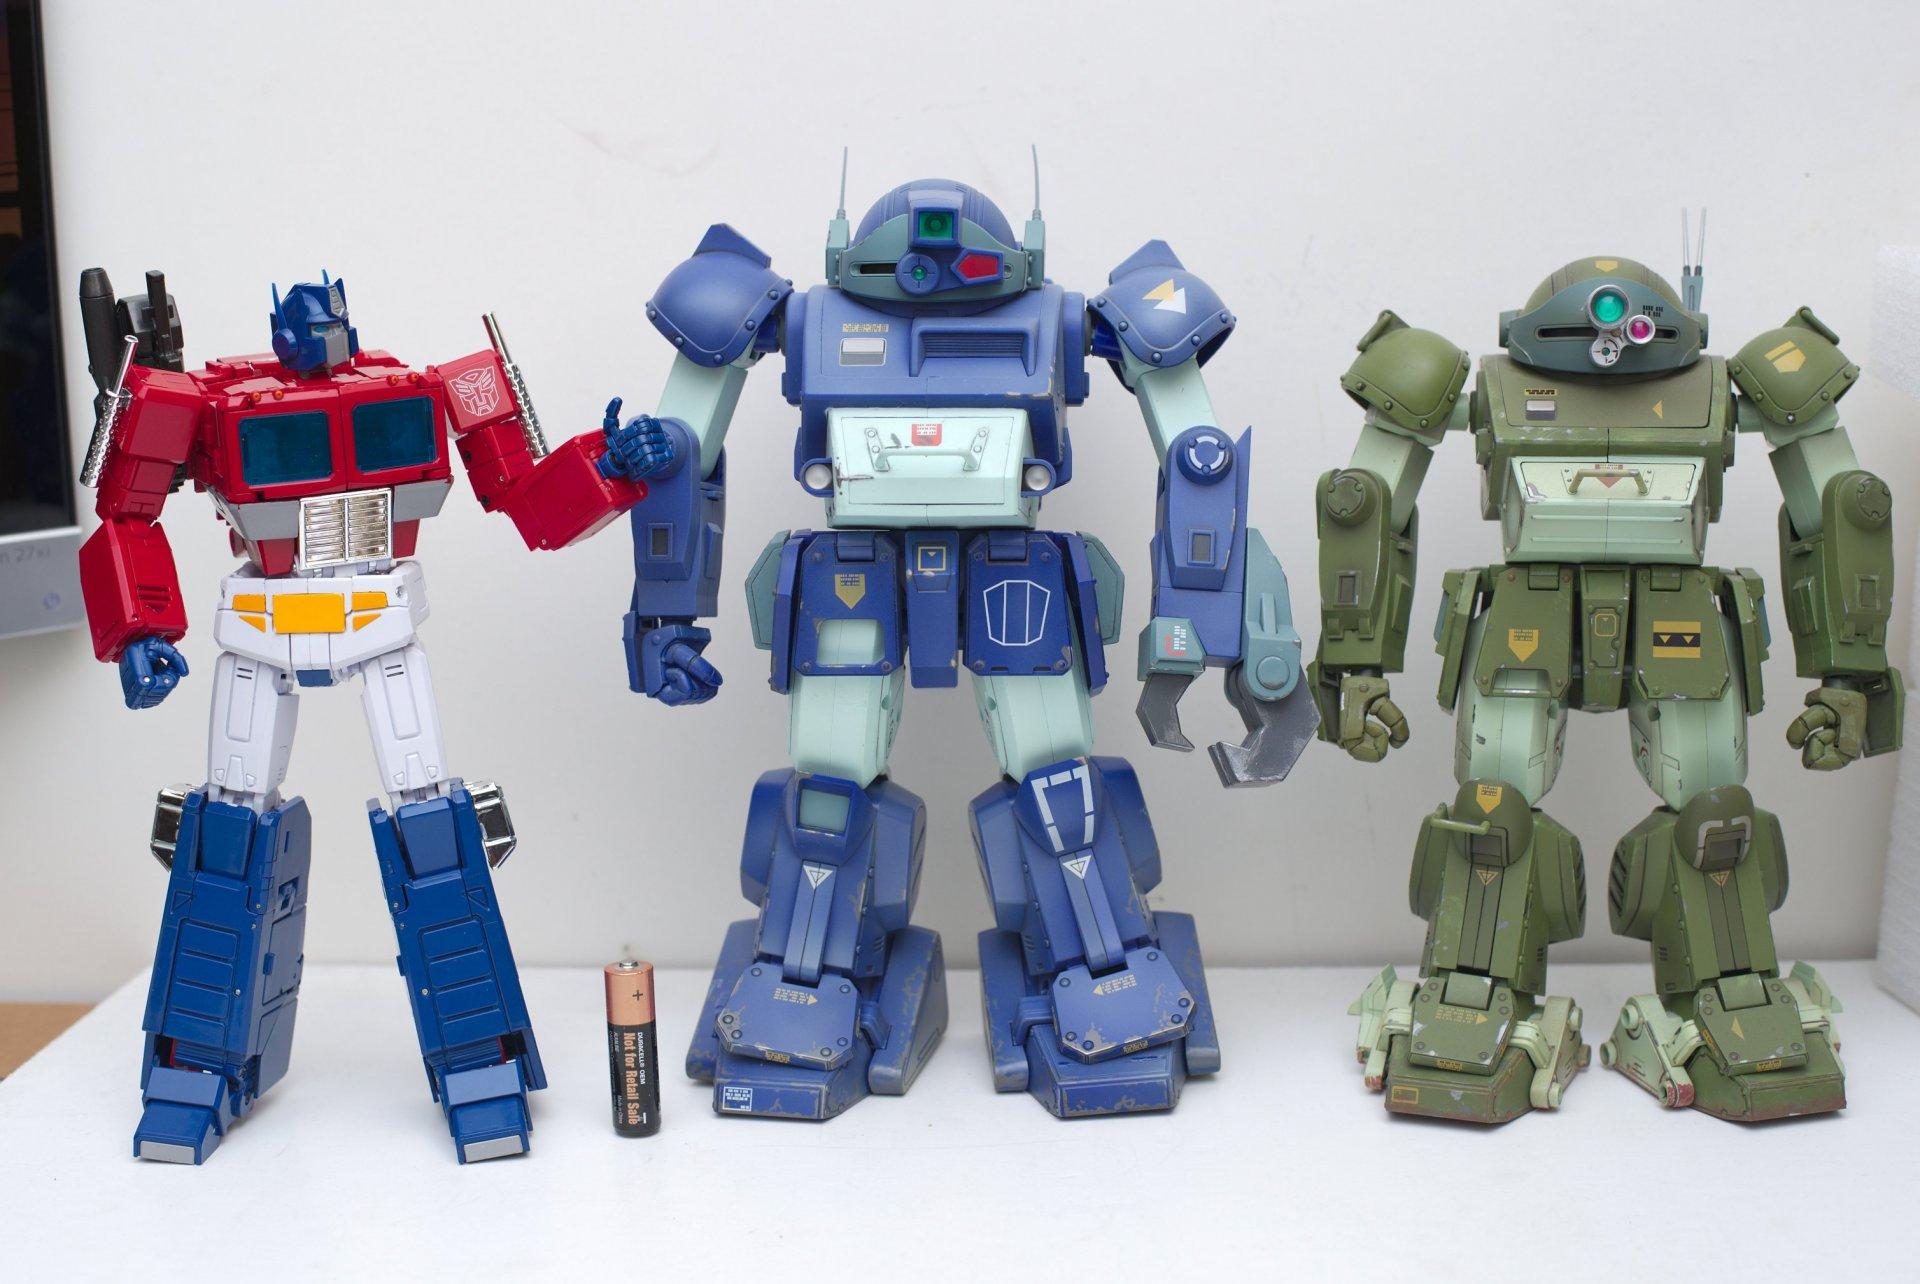 takara-collectible-toys.thumb.jpg.d129e40f5447d23c347b551af6a3ba1e.jpg